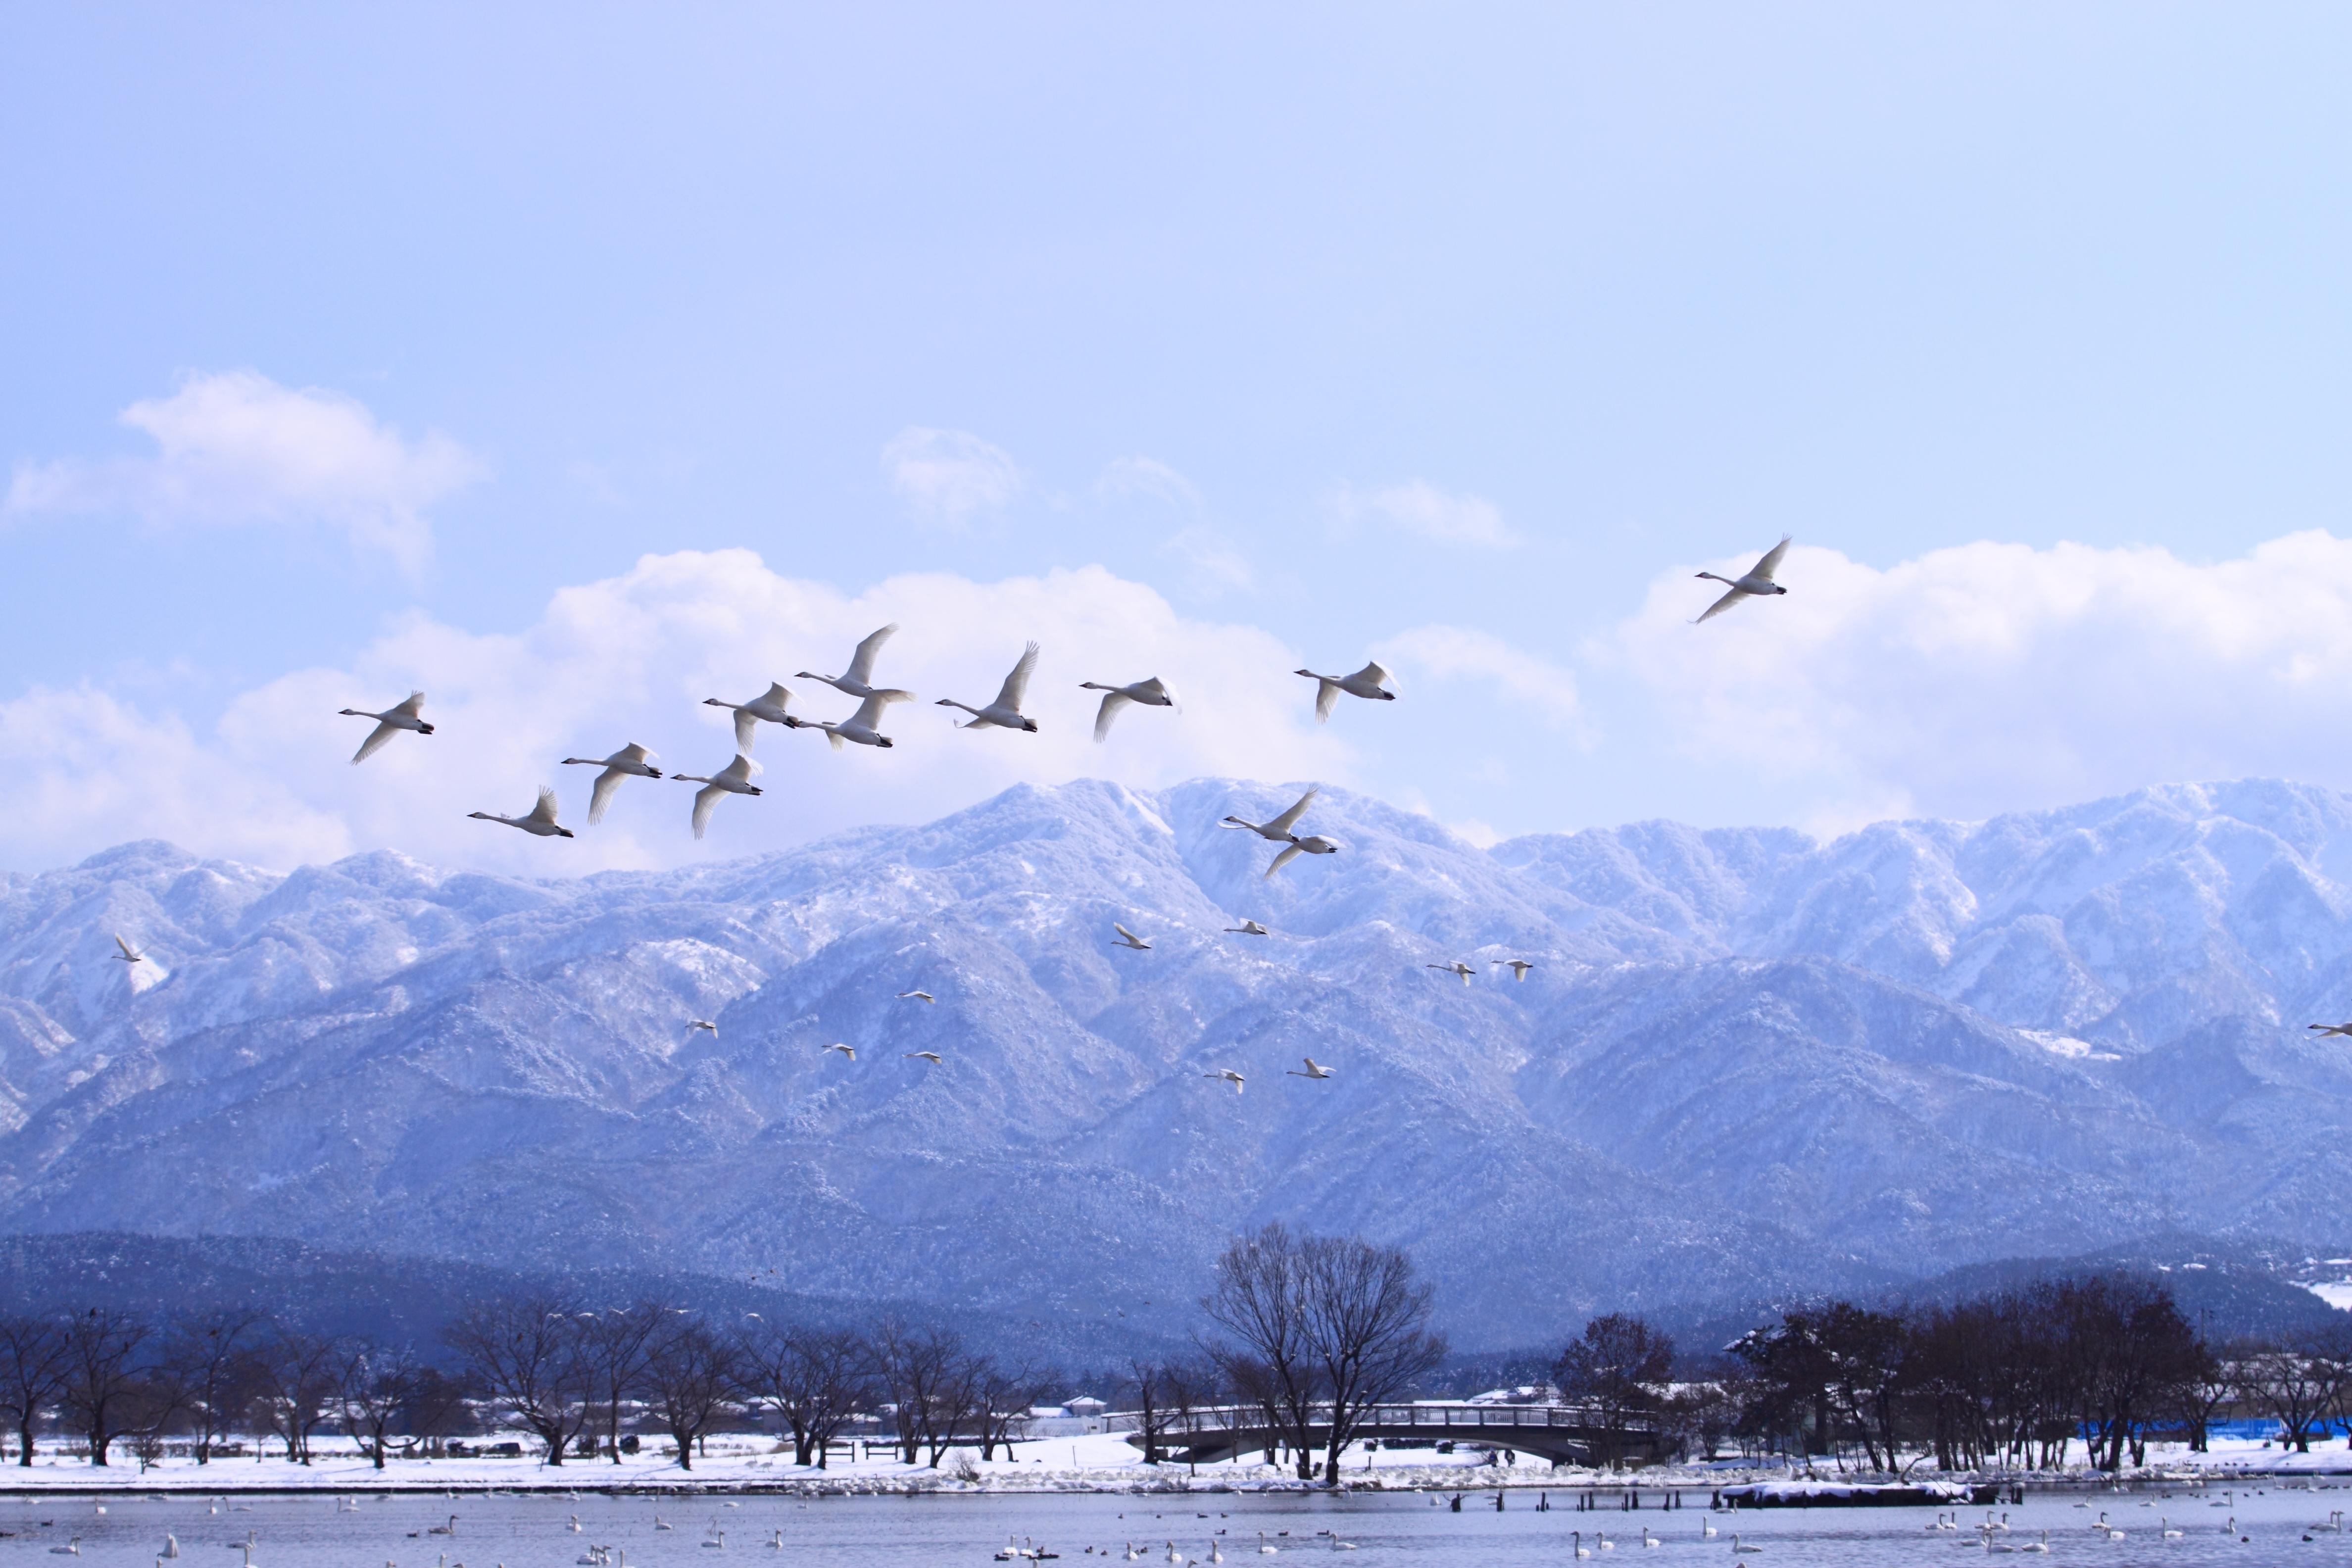 阿賀野市でのどかな景観を楽しもう!名物グルメやおすすめ観光スポットも紹介!